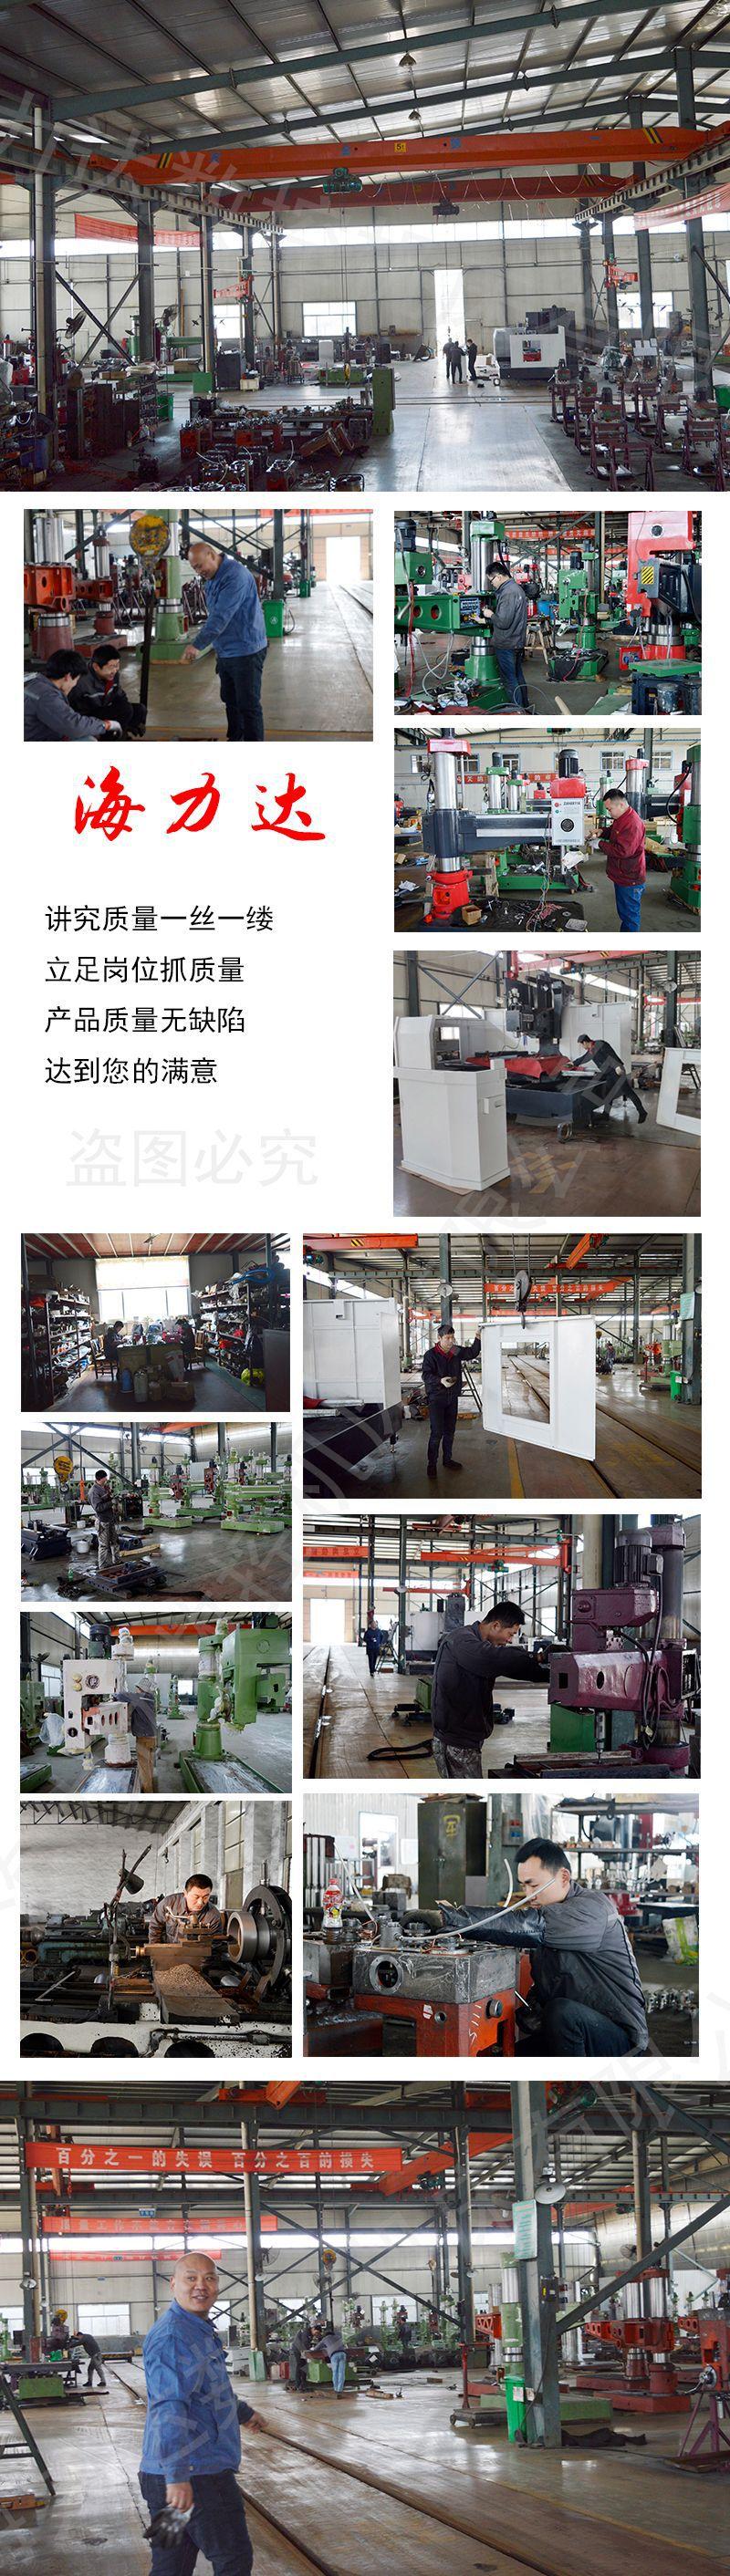 厂家直销zxk-866SC 数控钻铣床 ZXK-866数控钻铣 重切削高精度示例图20